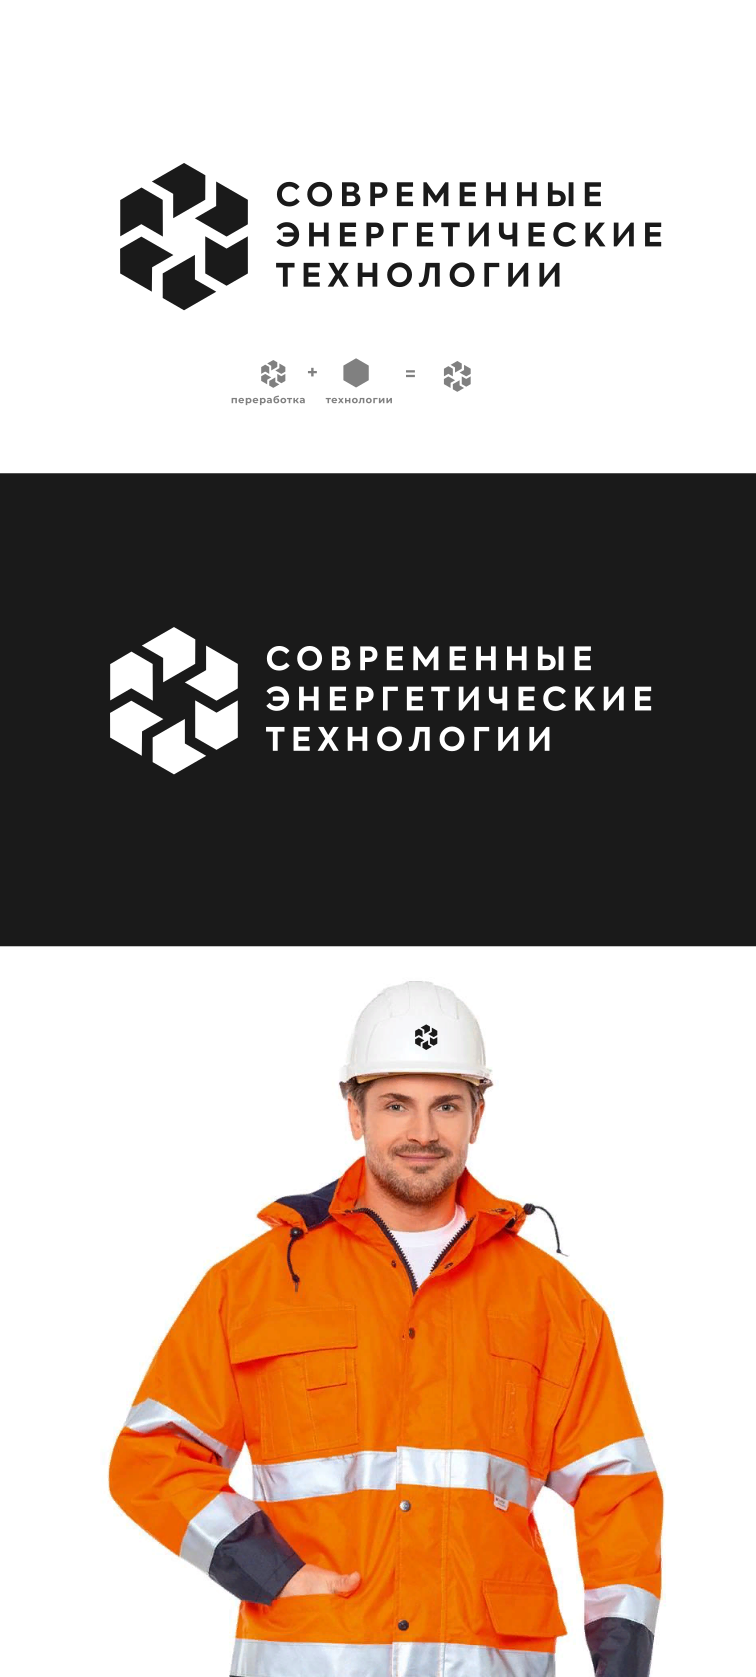 Срочно! Дизайн логотипа ООО «СЭТ» фото f_2275d4af3ca559a8.png